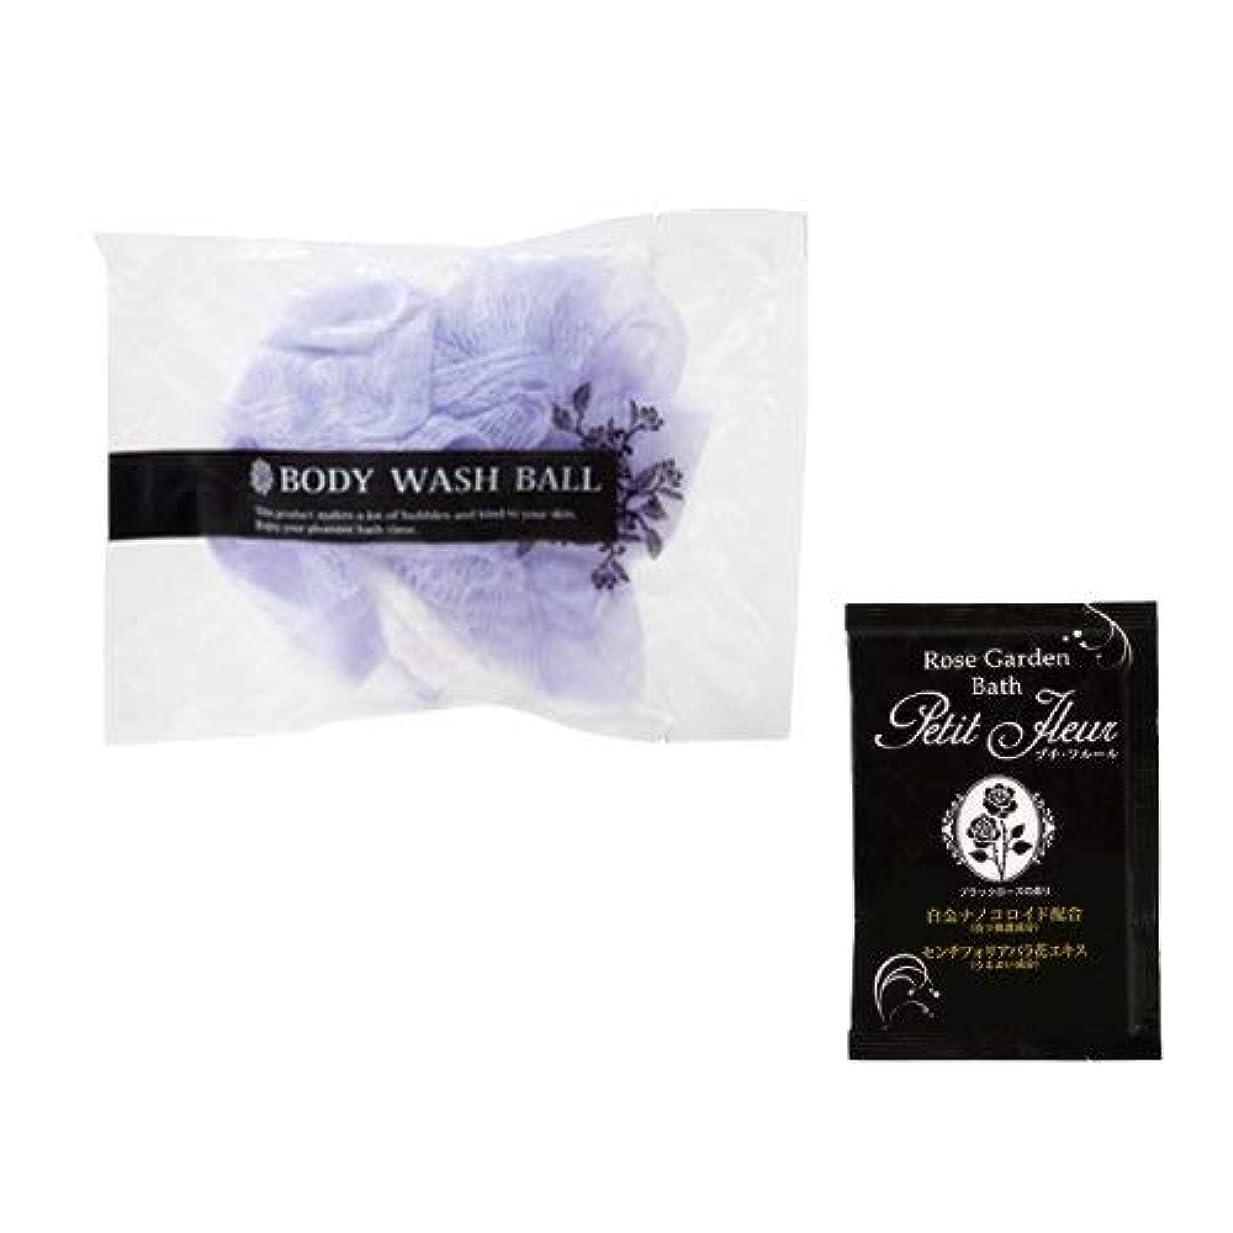 やさしく一節高揚したボディウォッシュボール 個包装 パープル + 入浴剤プチフルール(1回分) - BODY WASH BALL